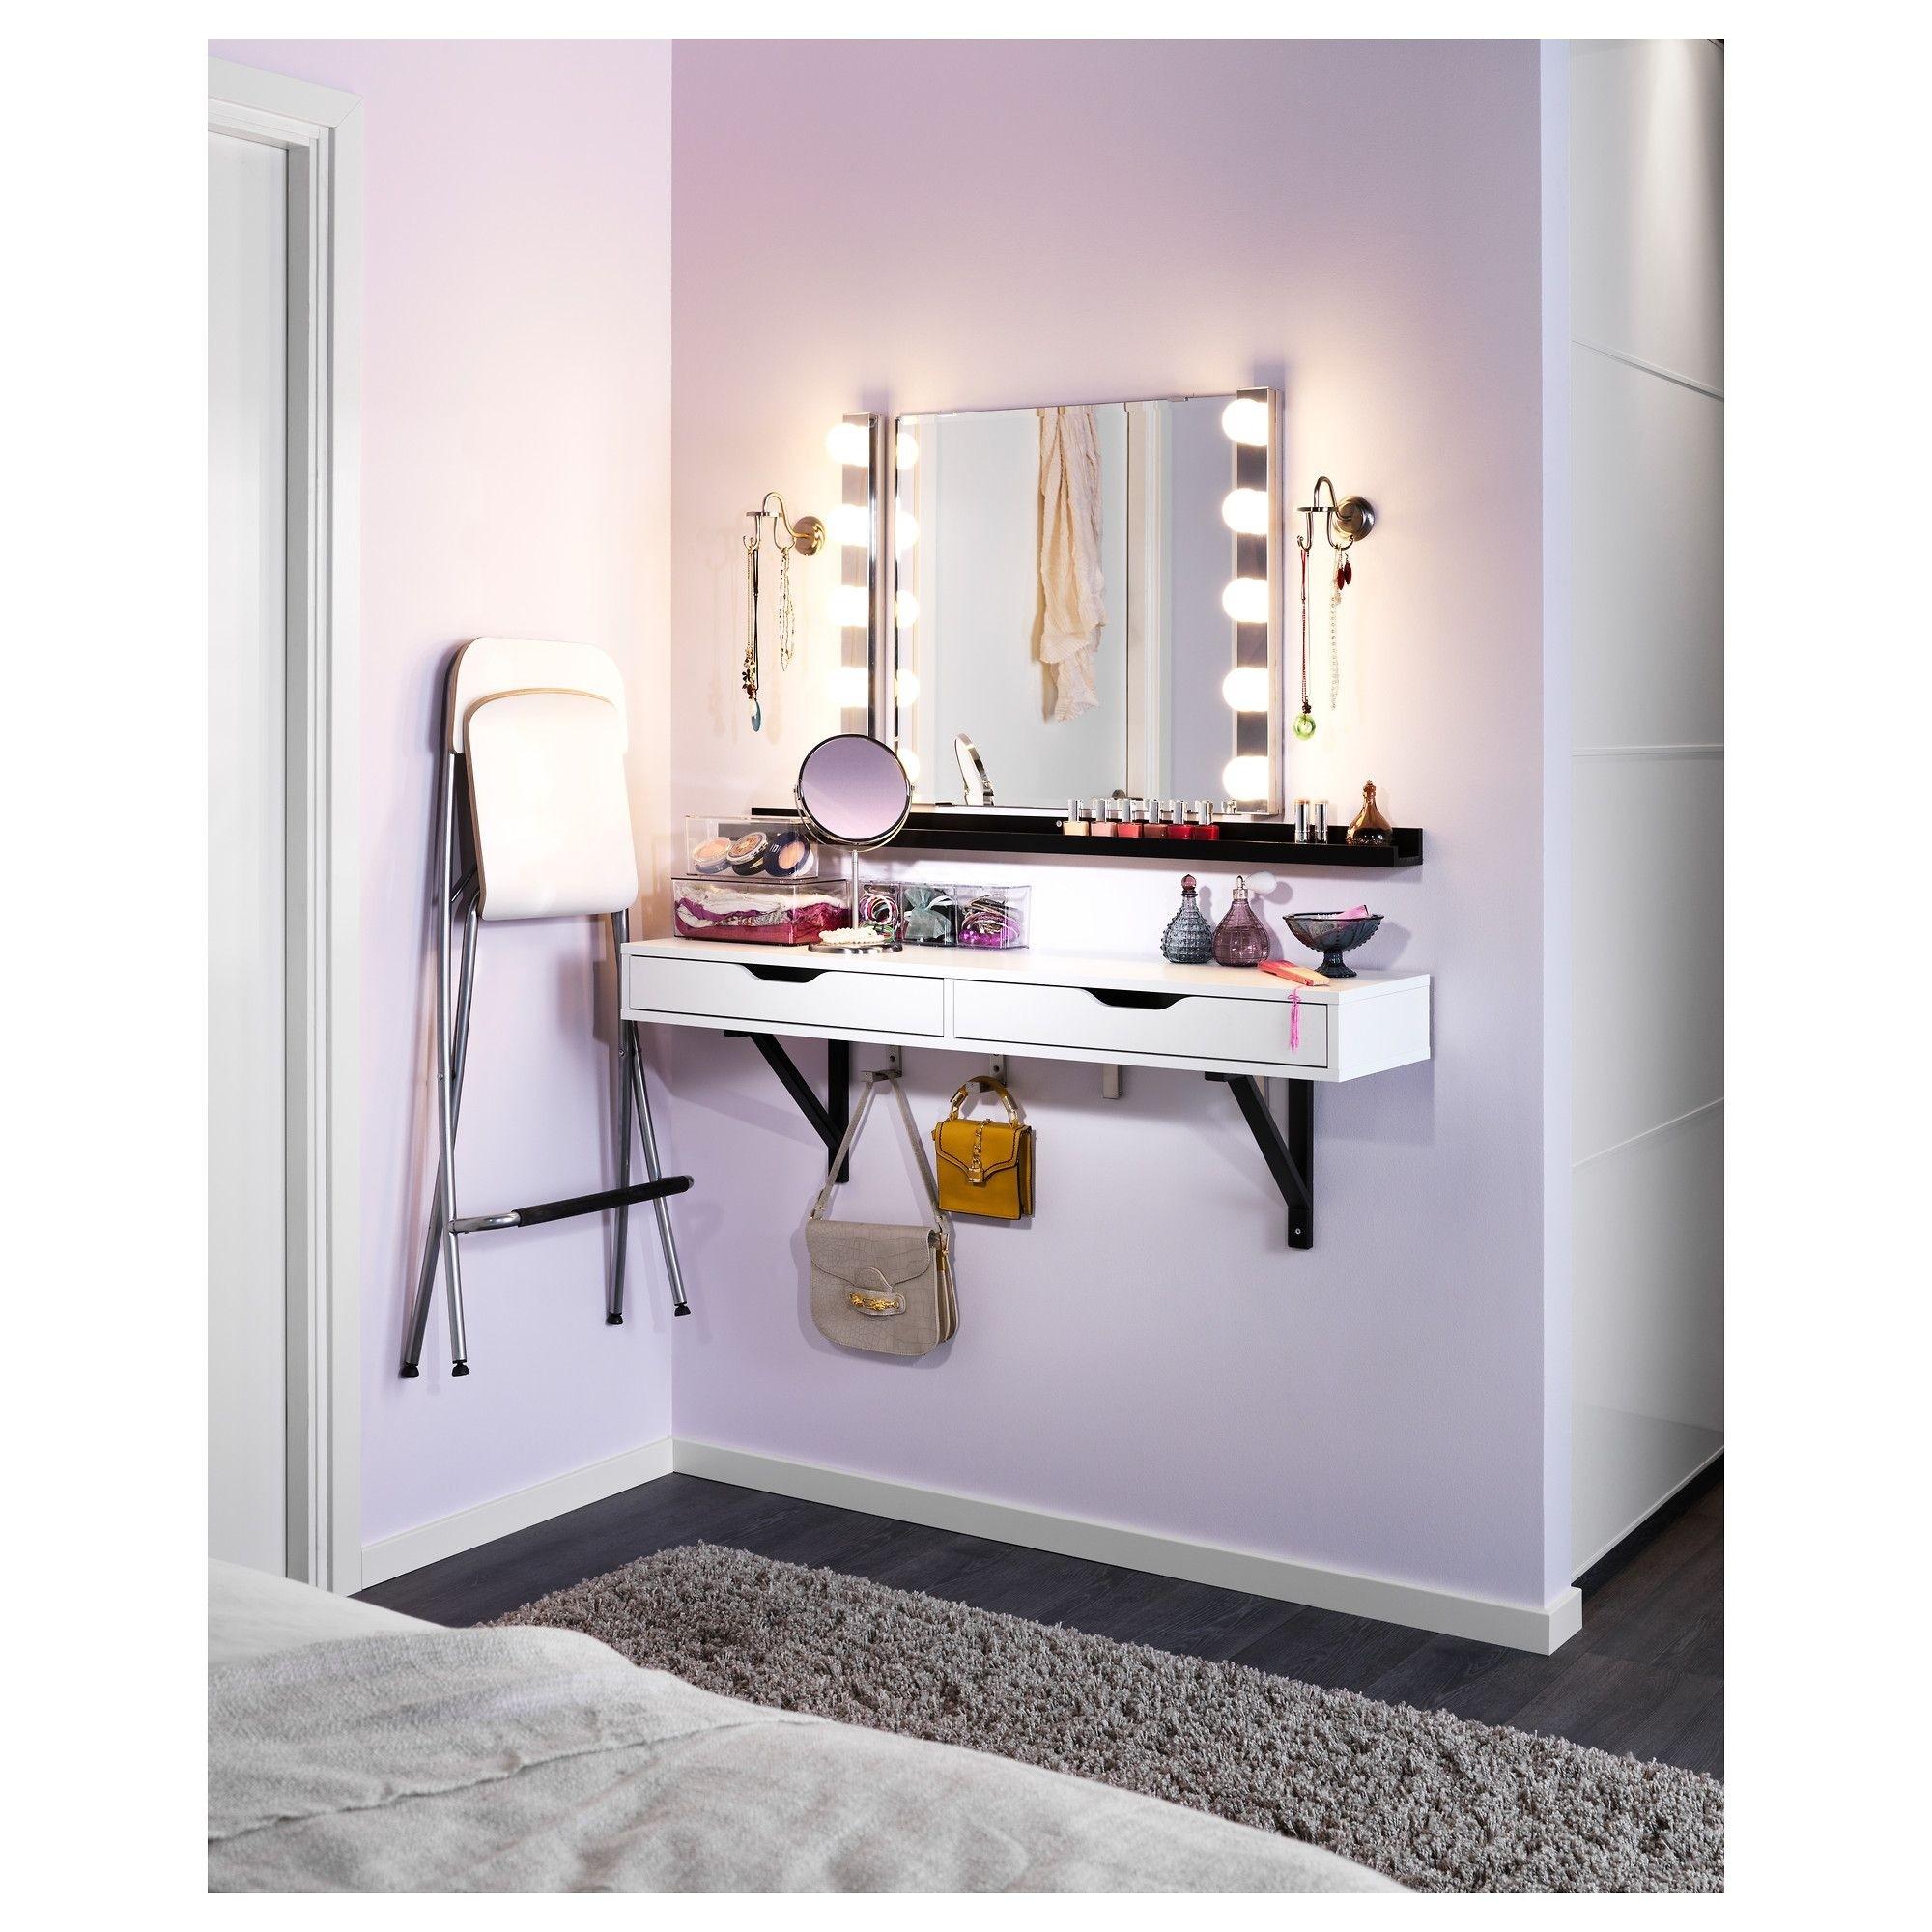 Vanity makeup table set  sc 1 st  Foter & Vanity Makeup Table Set - Foter